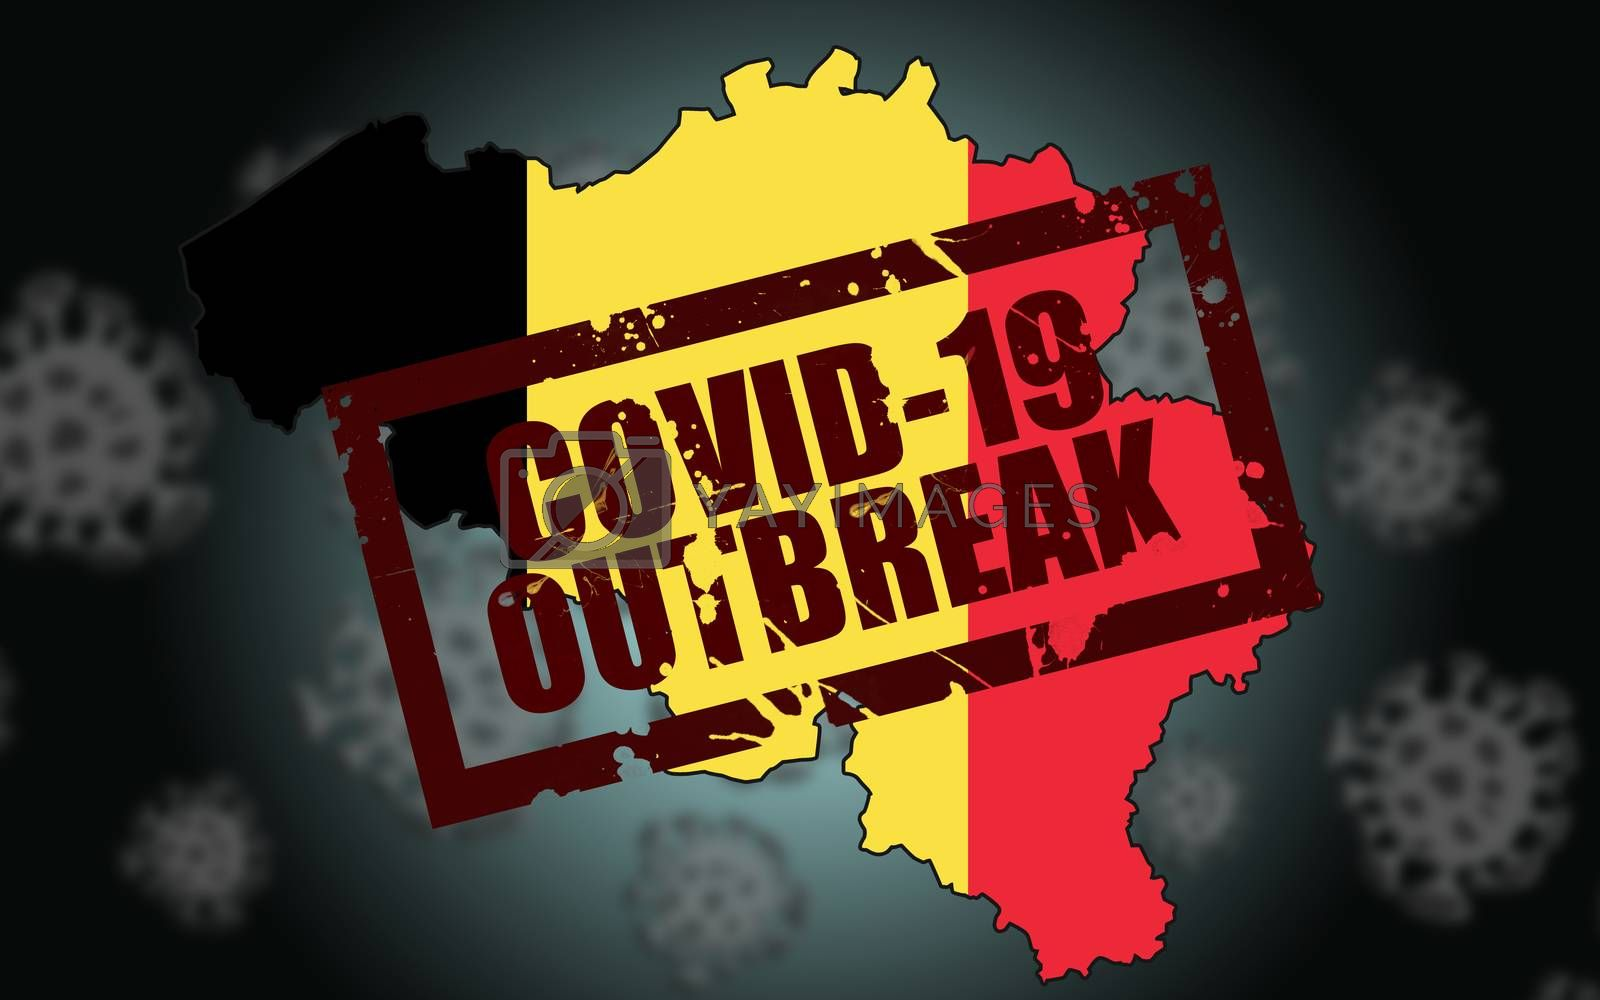 Covid-19 virus outbreak in Belgium. 3d rendering